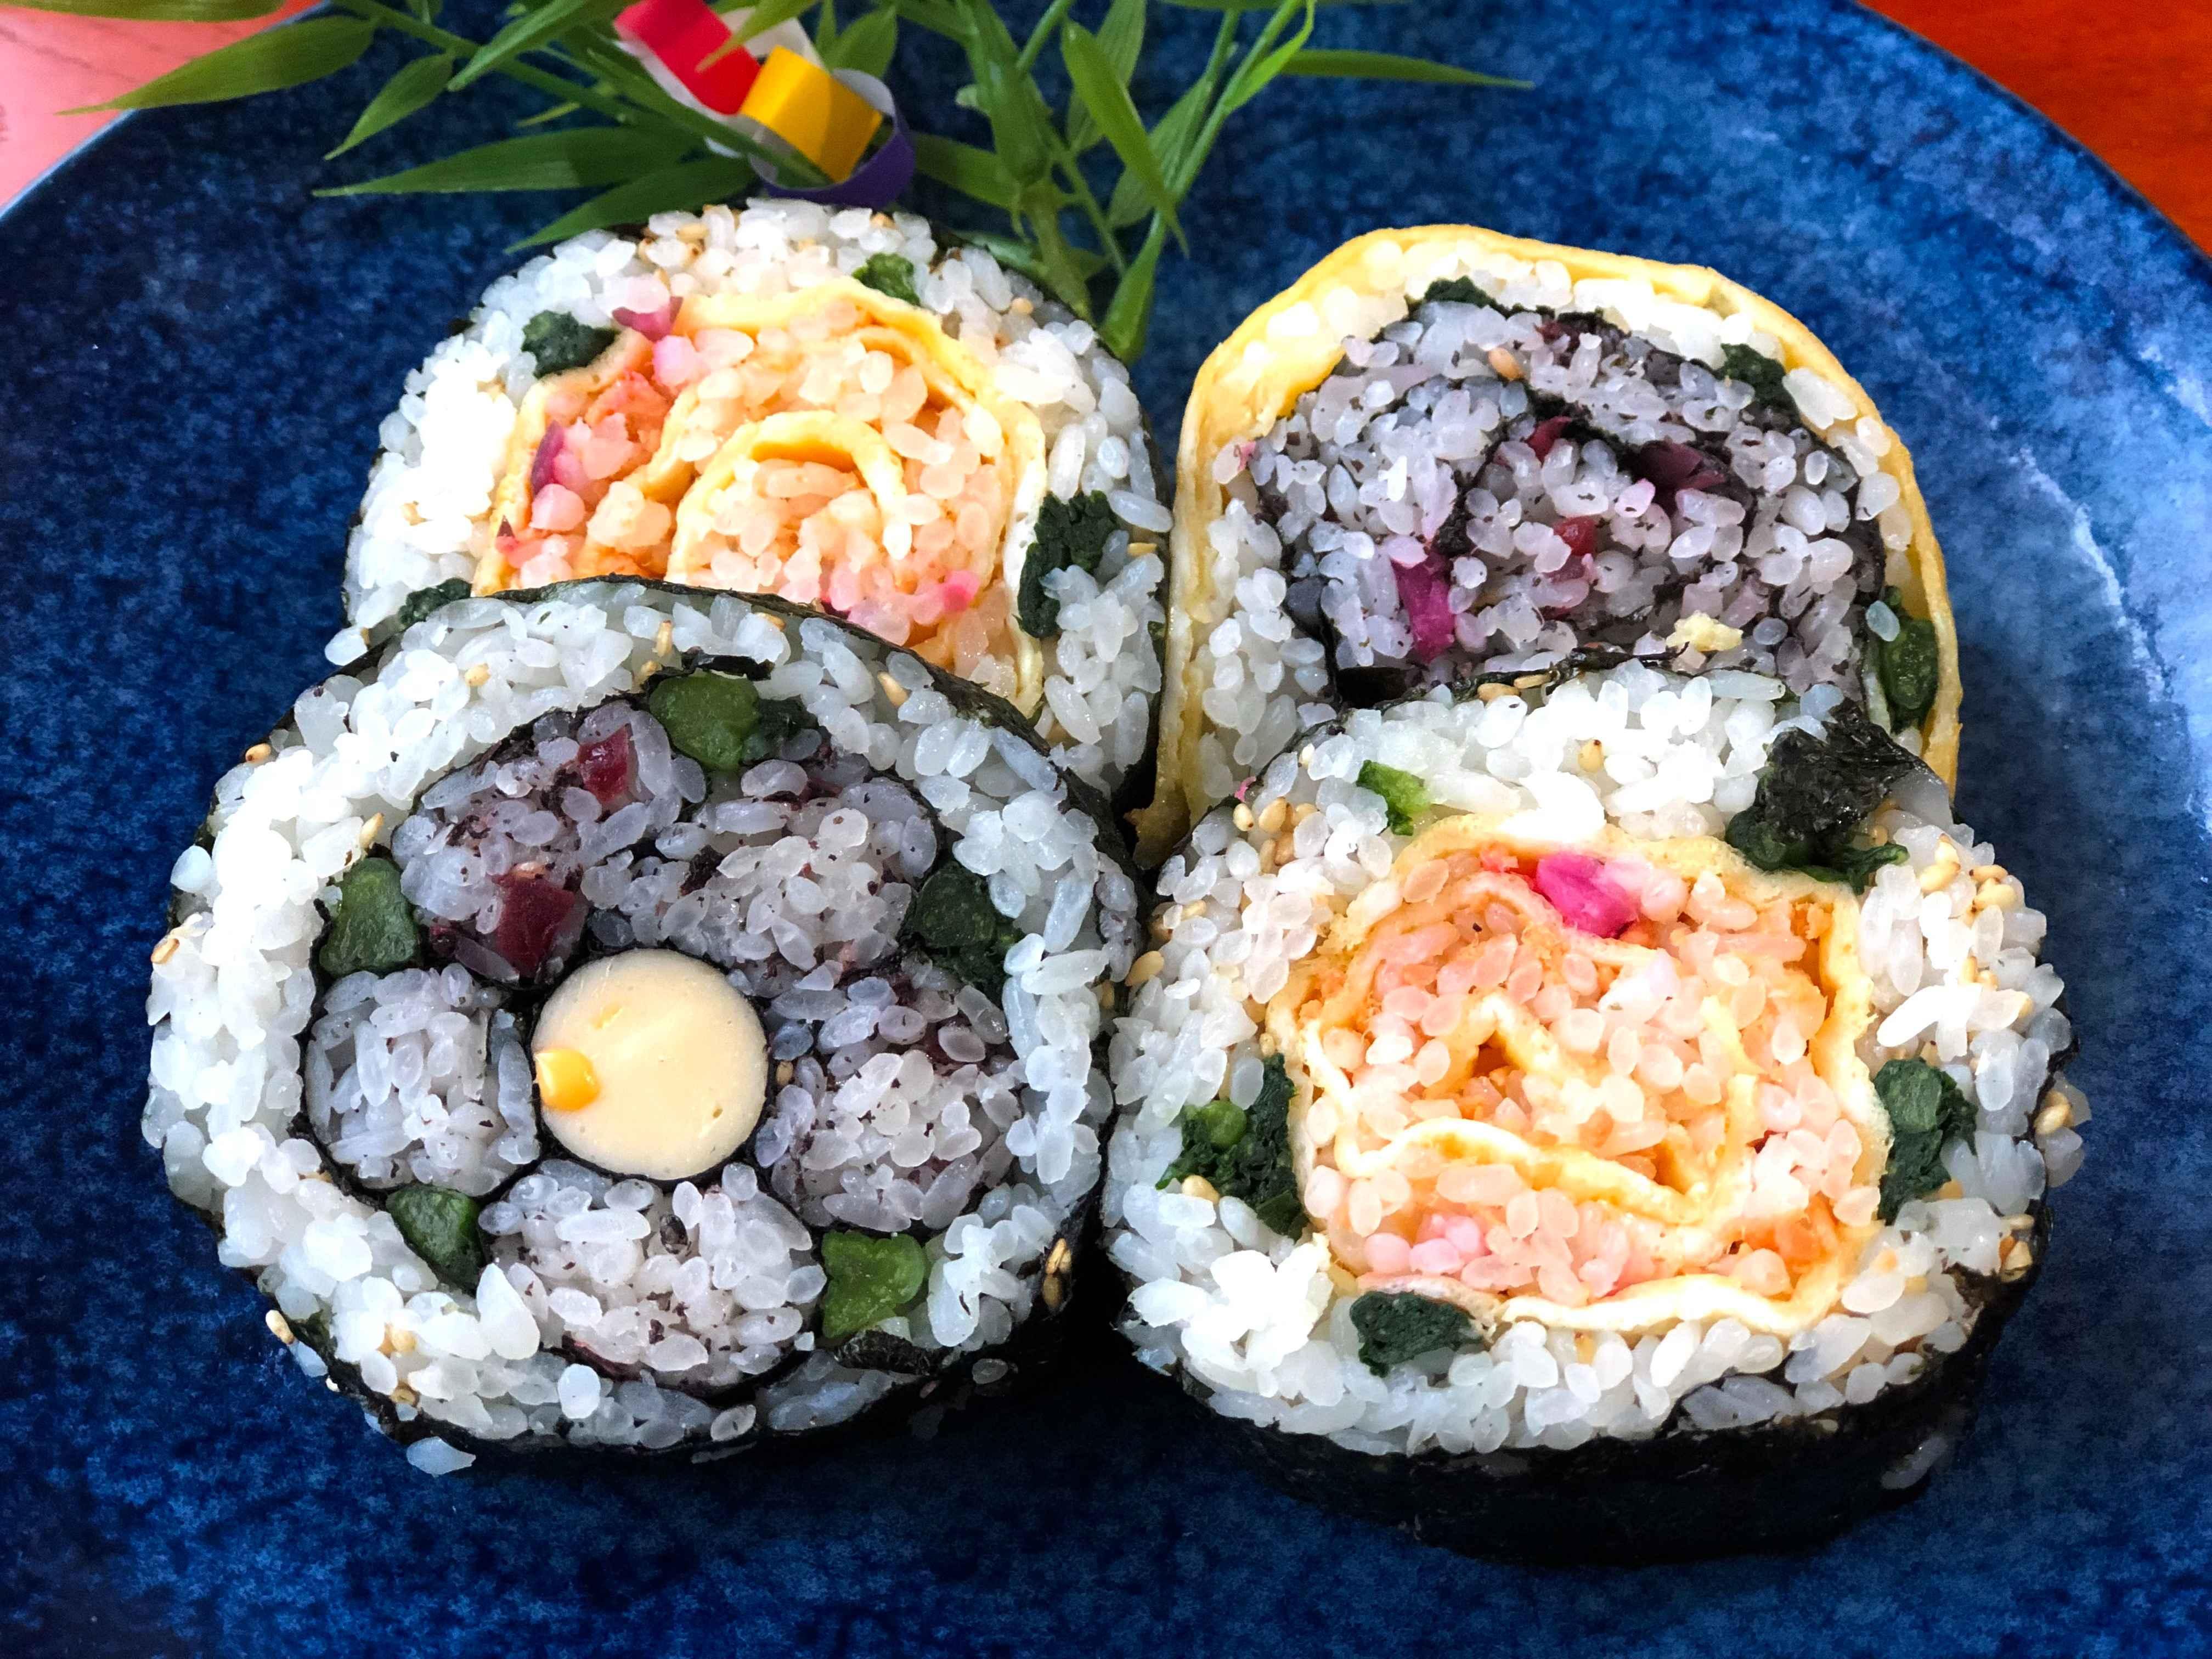 【オンライン】おうちで花の飾り巻き寿司を作ろう♪親子参加OK♪